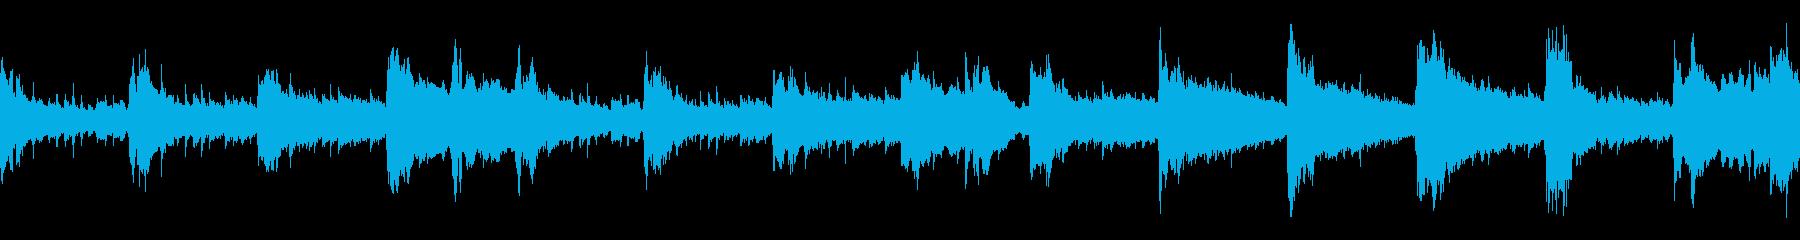 クラシックストリングセクションにピ...の再生済みの波形